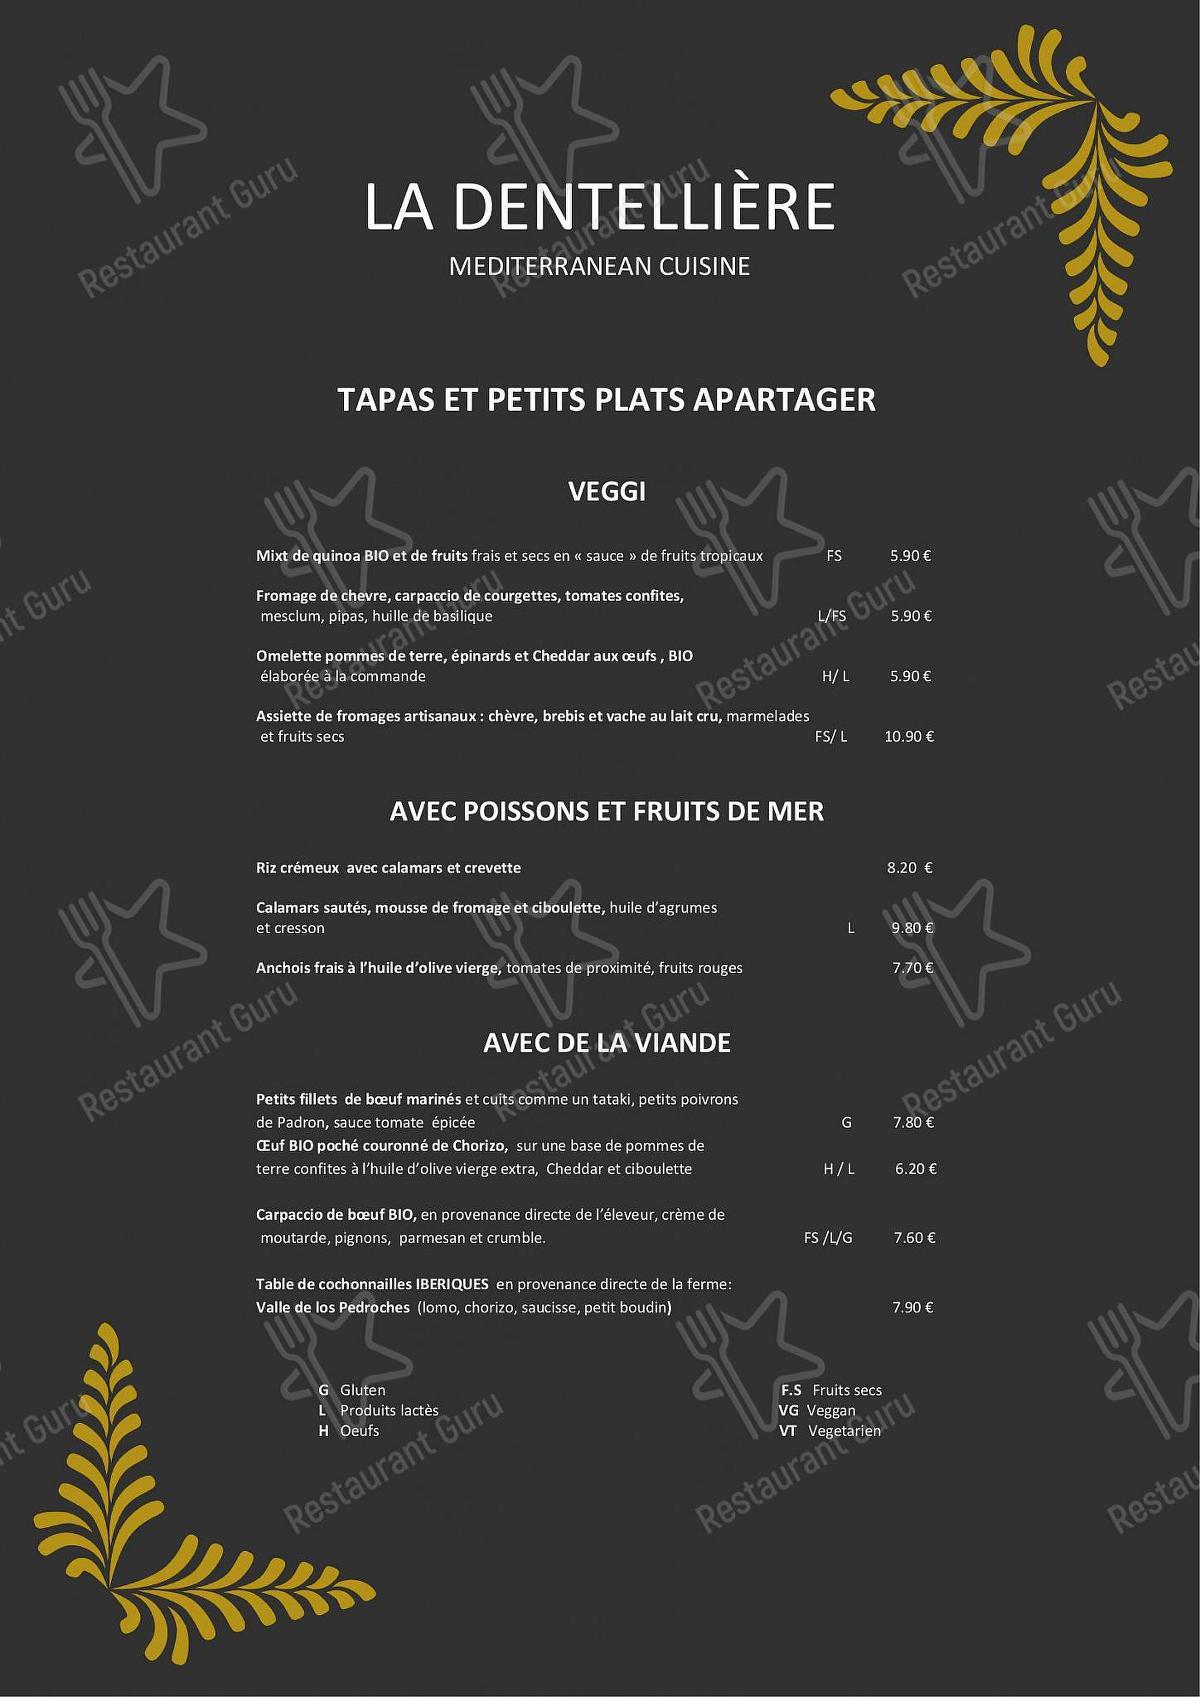 La Dentellière menu - dishes and beverages